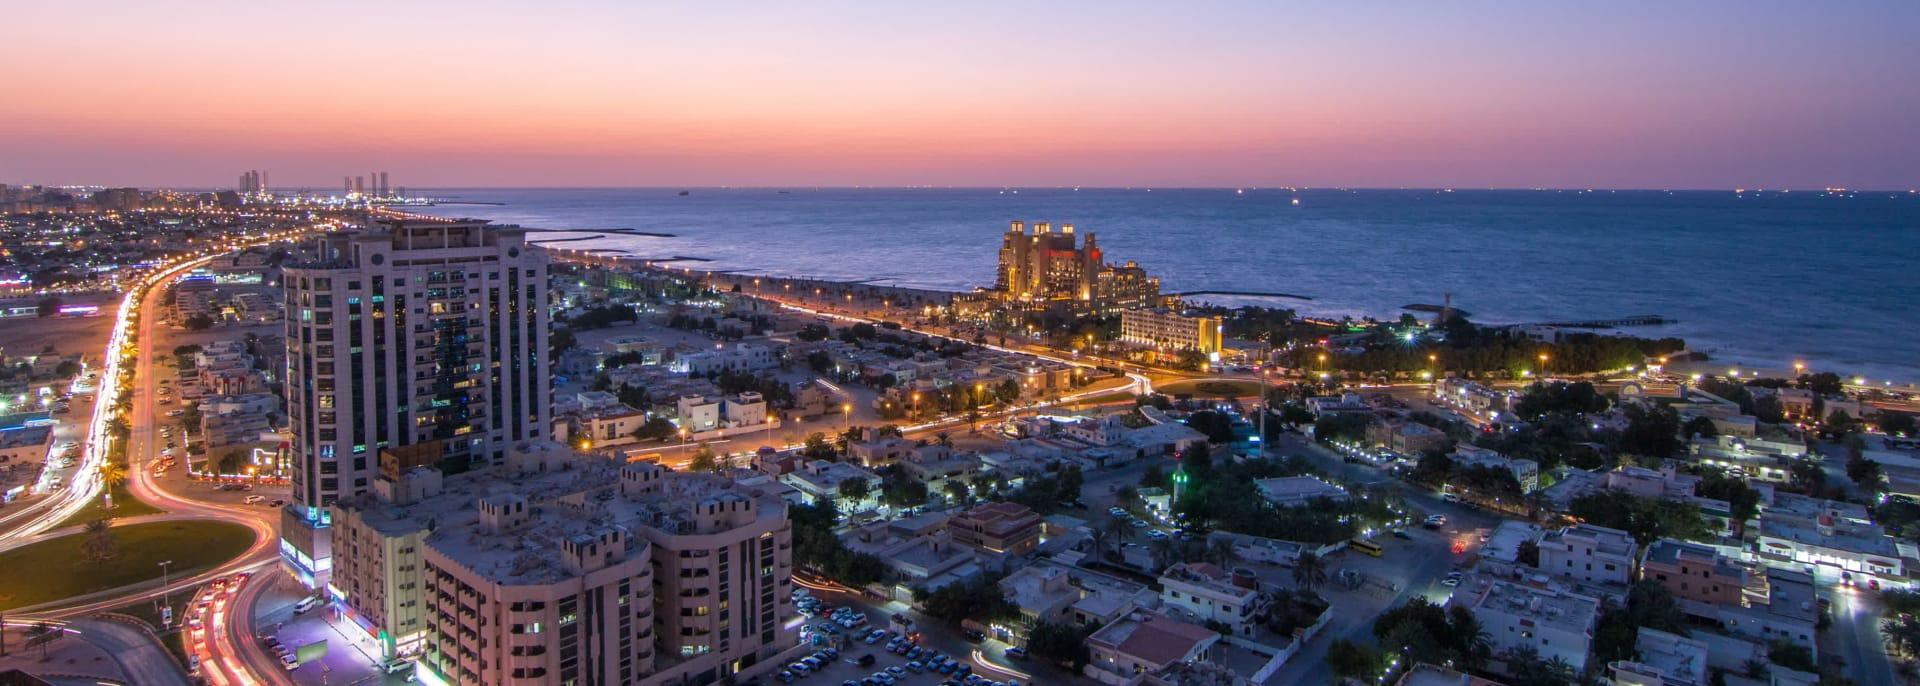 Ajman, Vereinigte Arabische Emirate